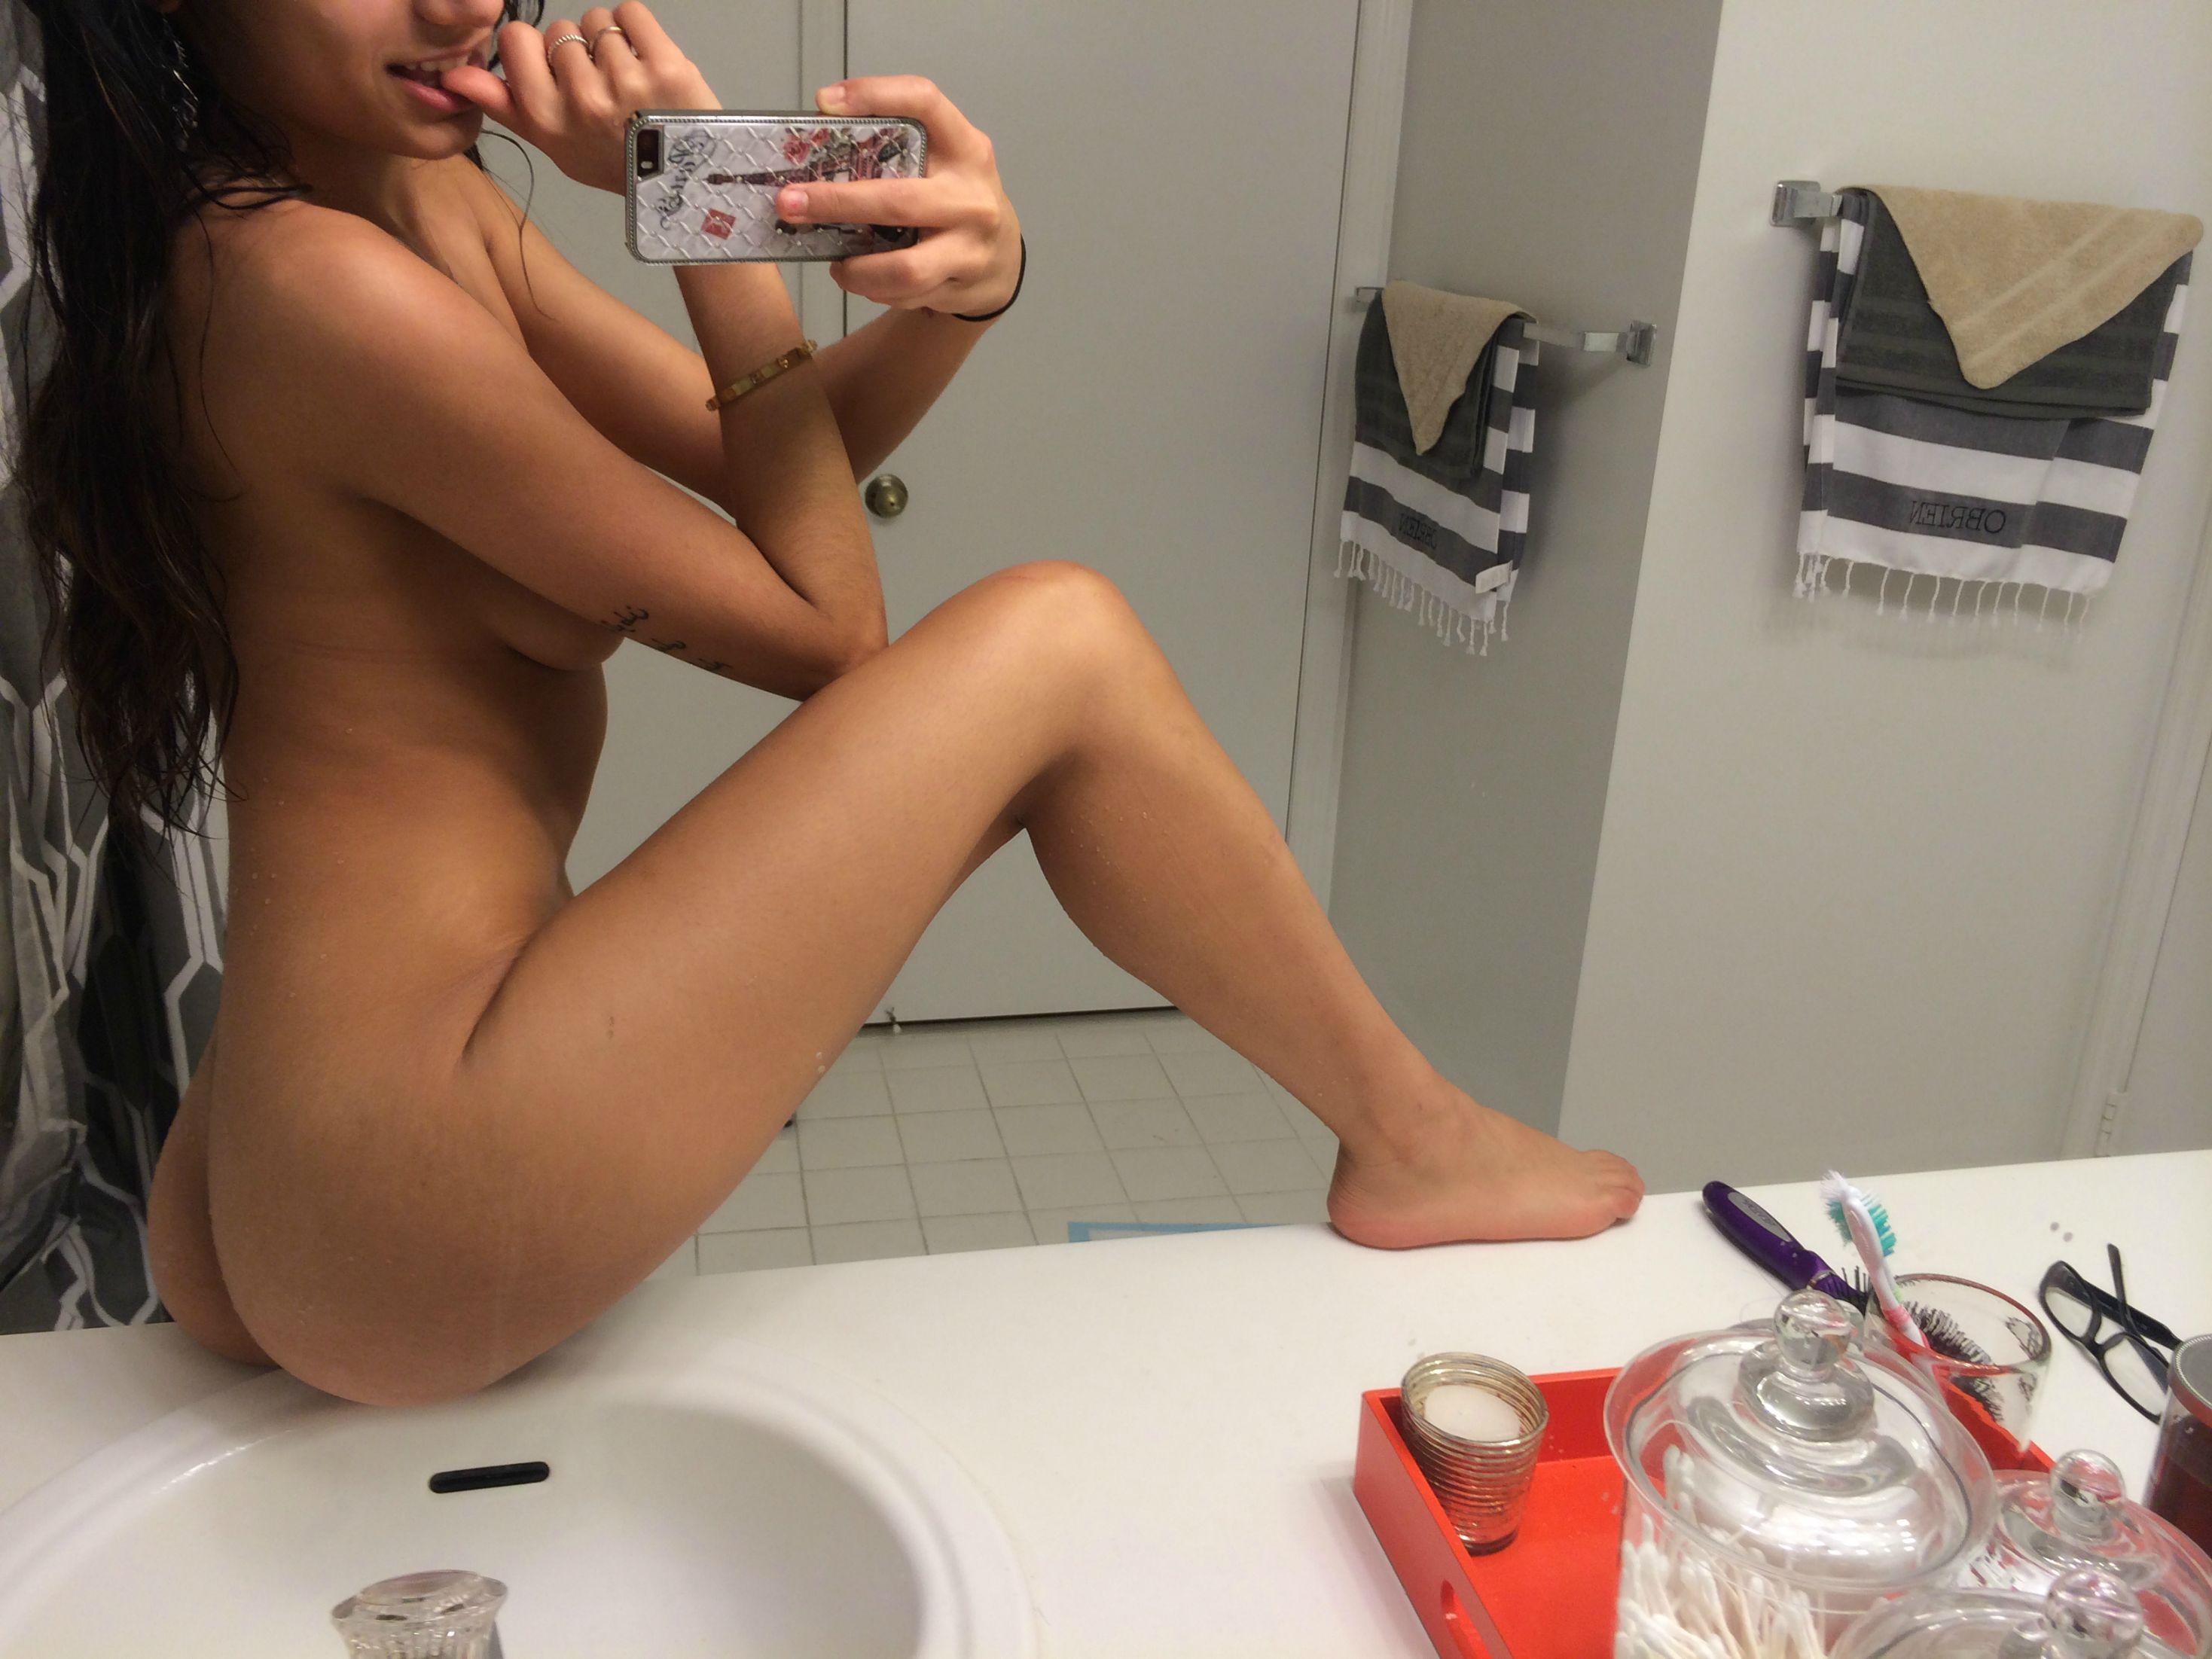 Mia khalifa ever been nude Mia Khalifa Naked